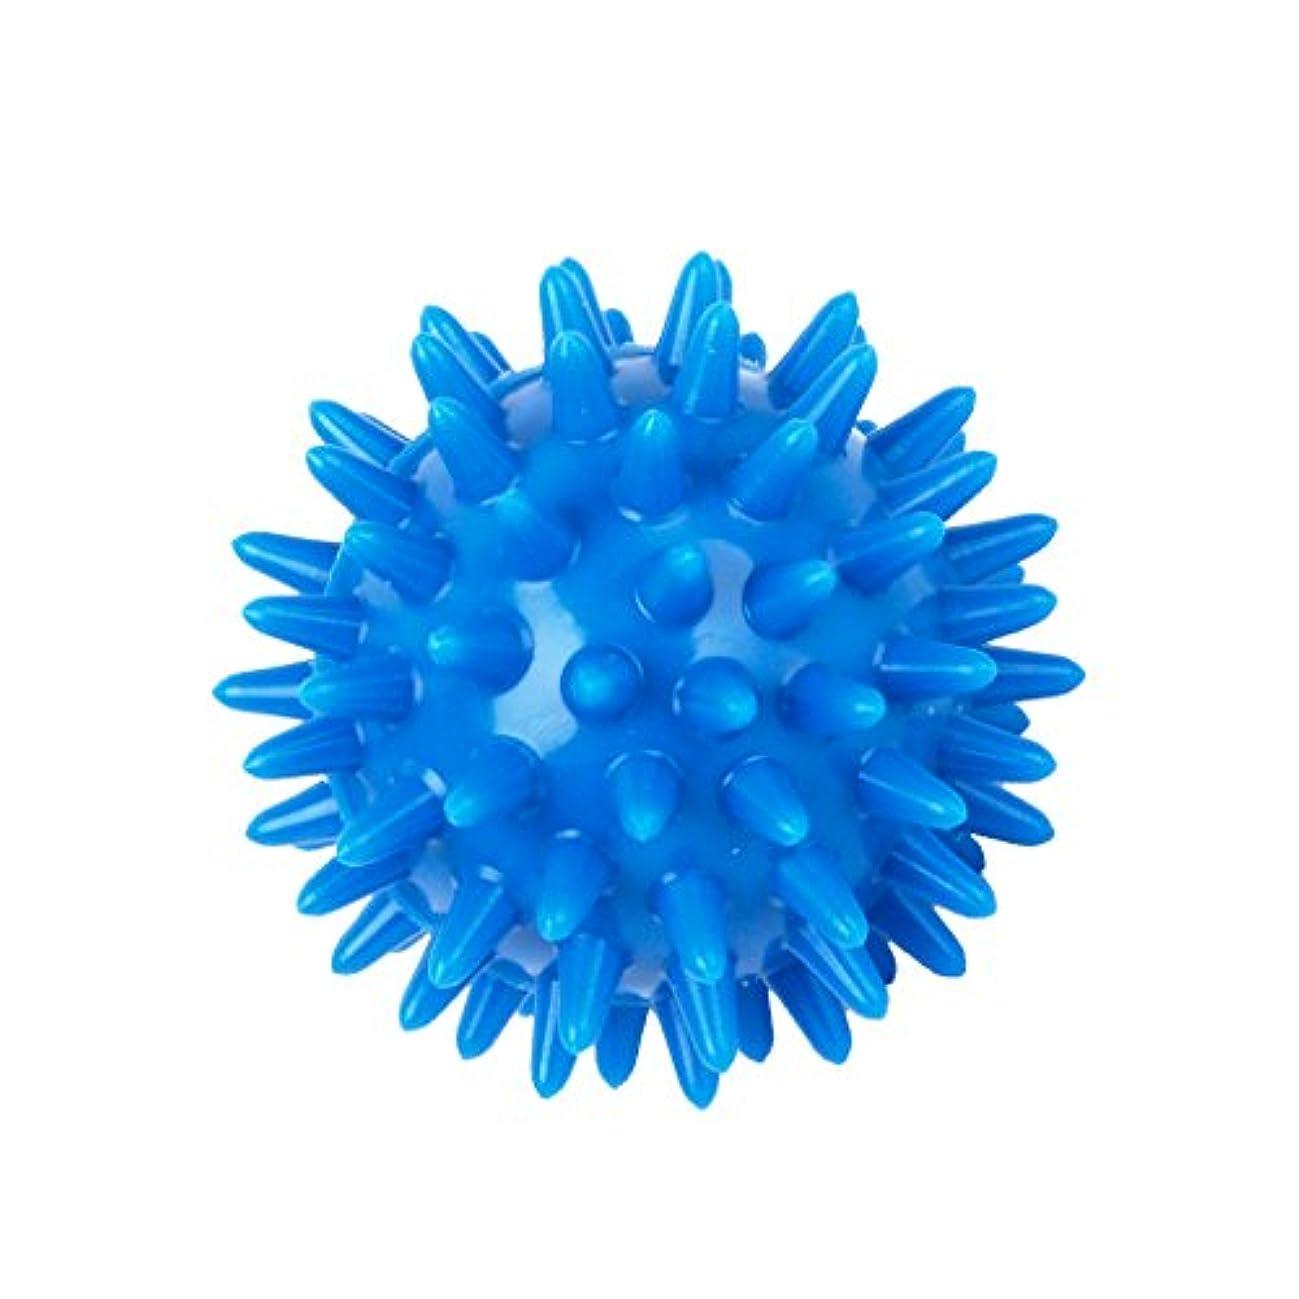 ファウル行列大宇宙PVC製 足用マッサージボール マッサージボール 筋肉緊張和らげ 血液循環促進 5.5センチメートル ブルー